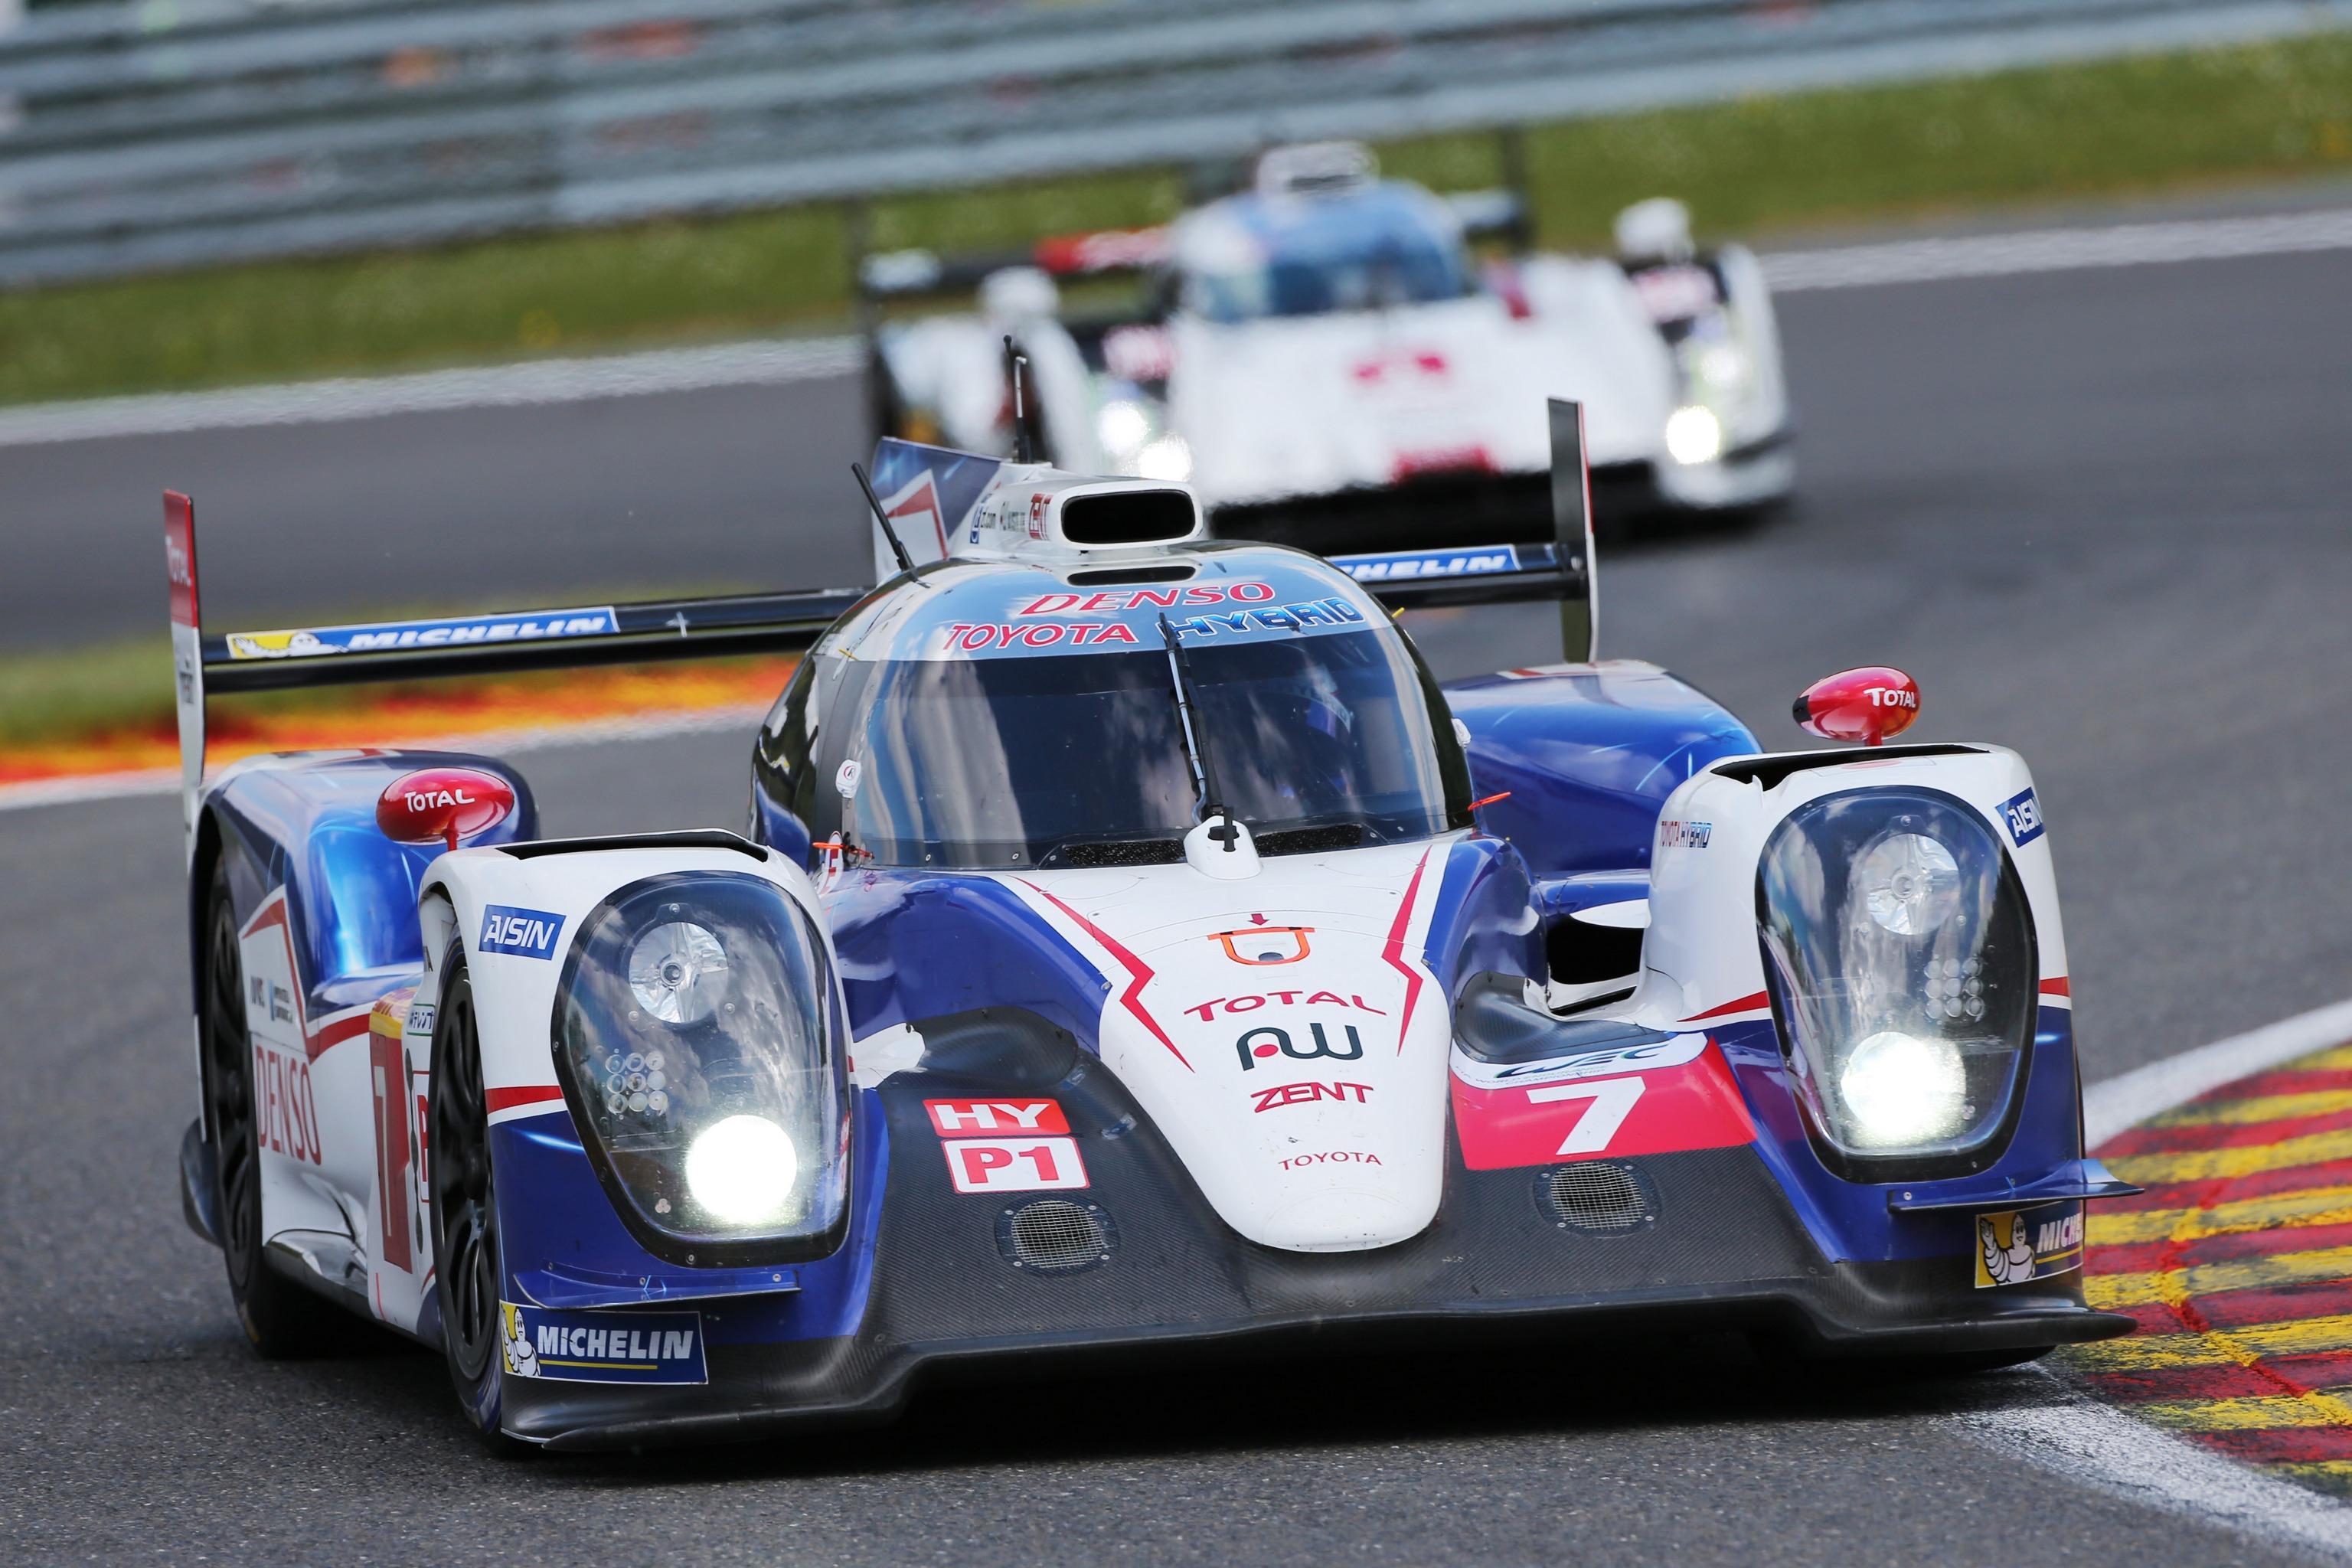 Toyota startet von Pole Position in Le Mans